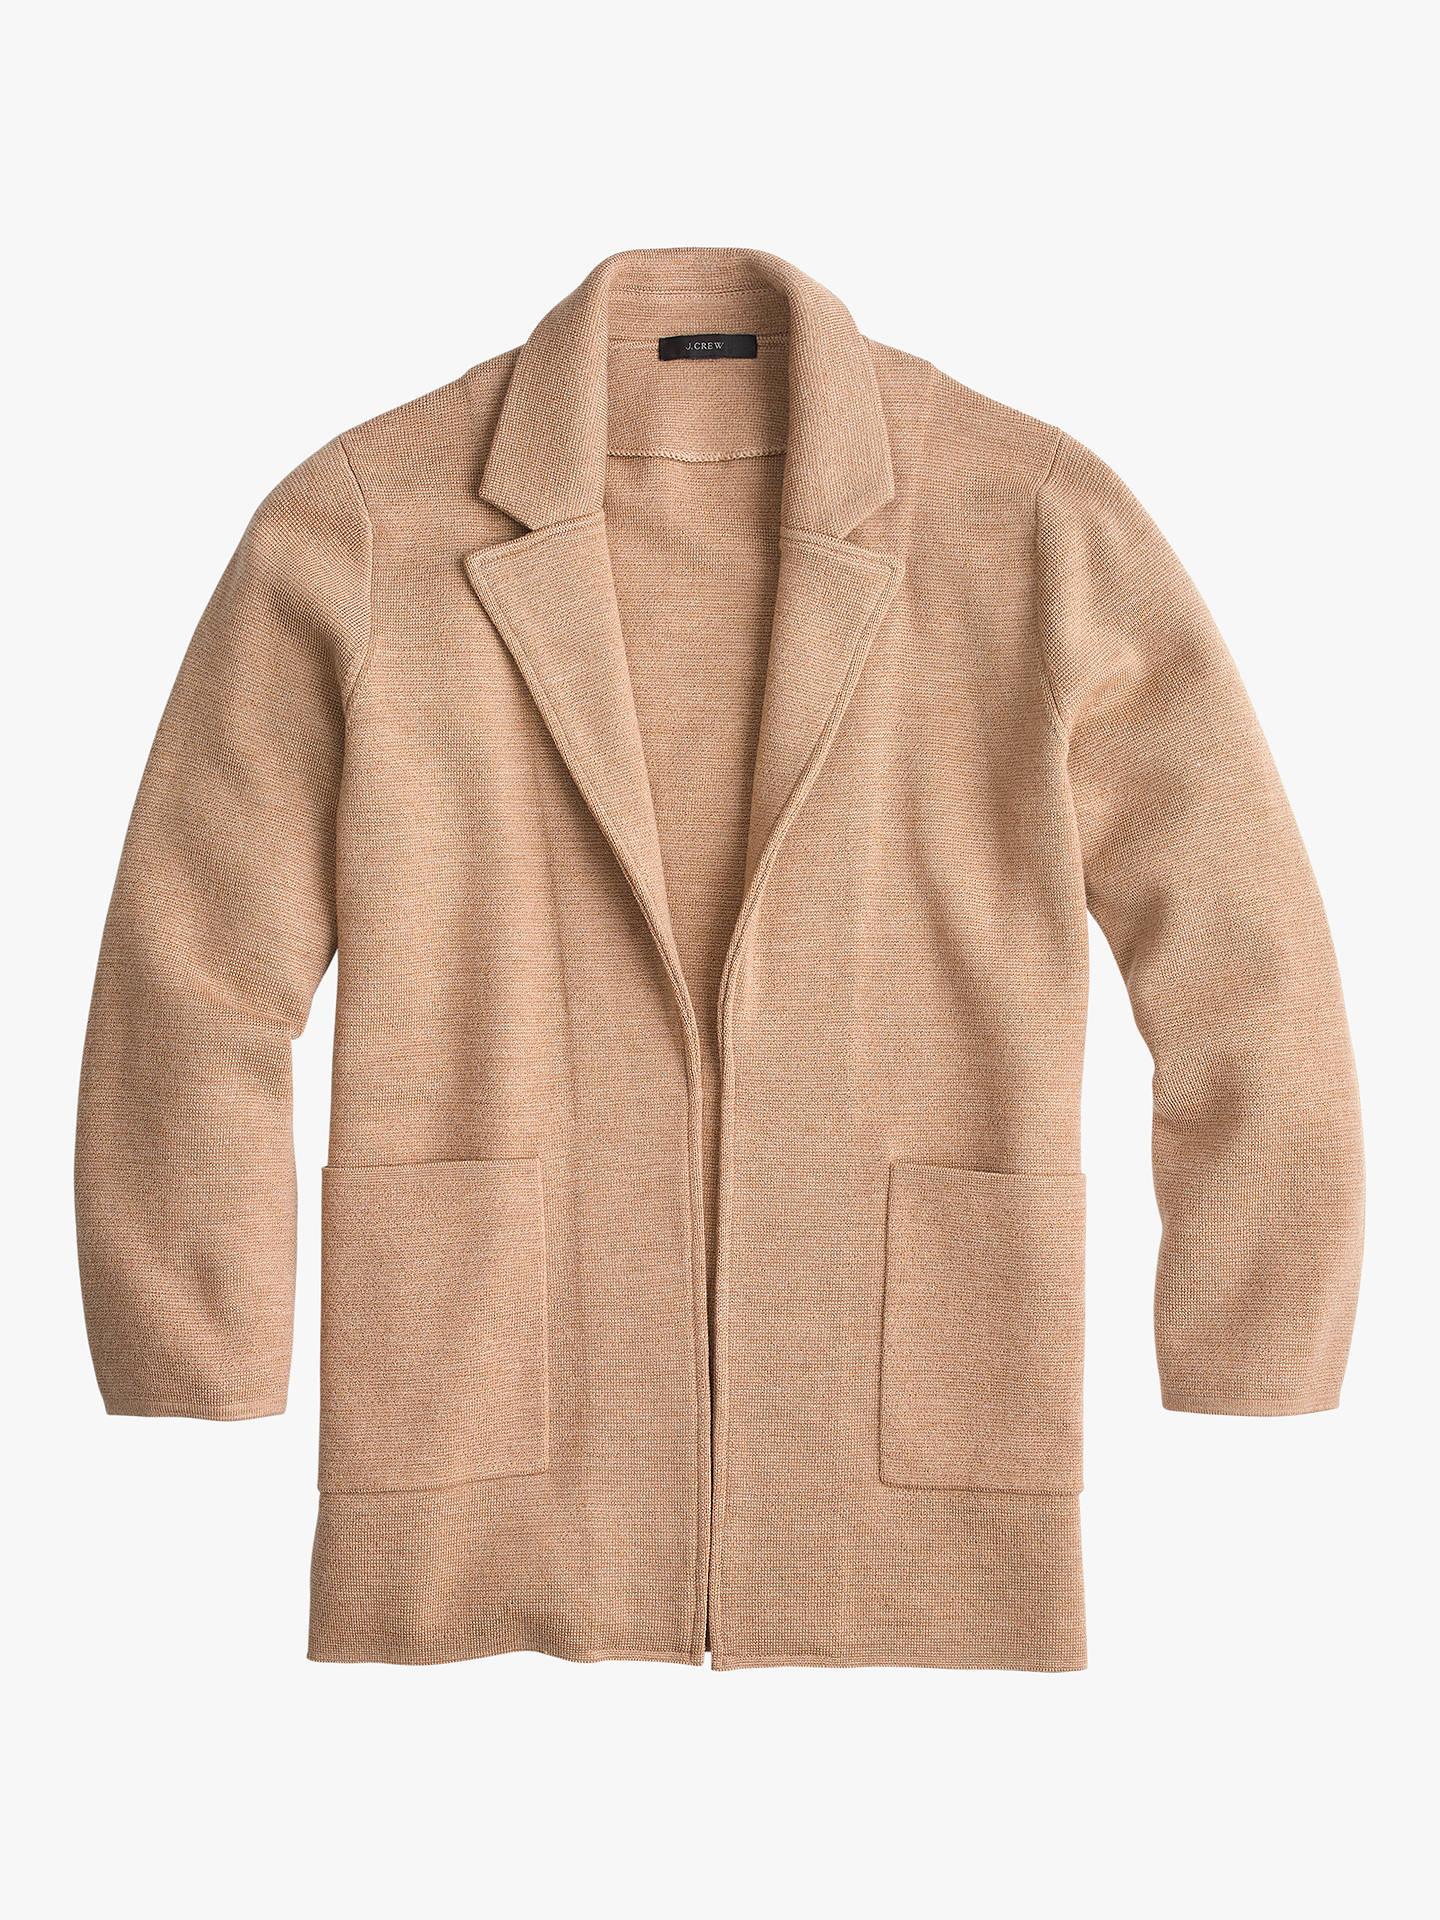 jcrew-sophie-open-front-sweater-blazer,-heather-khaki by jcrew